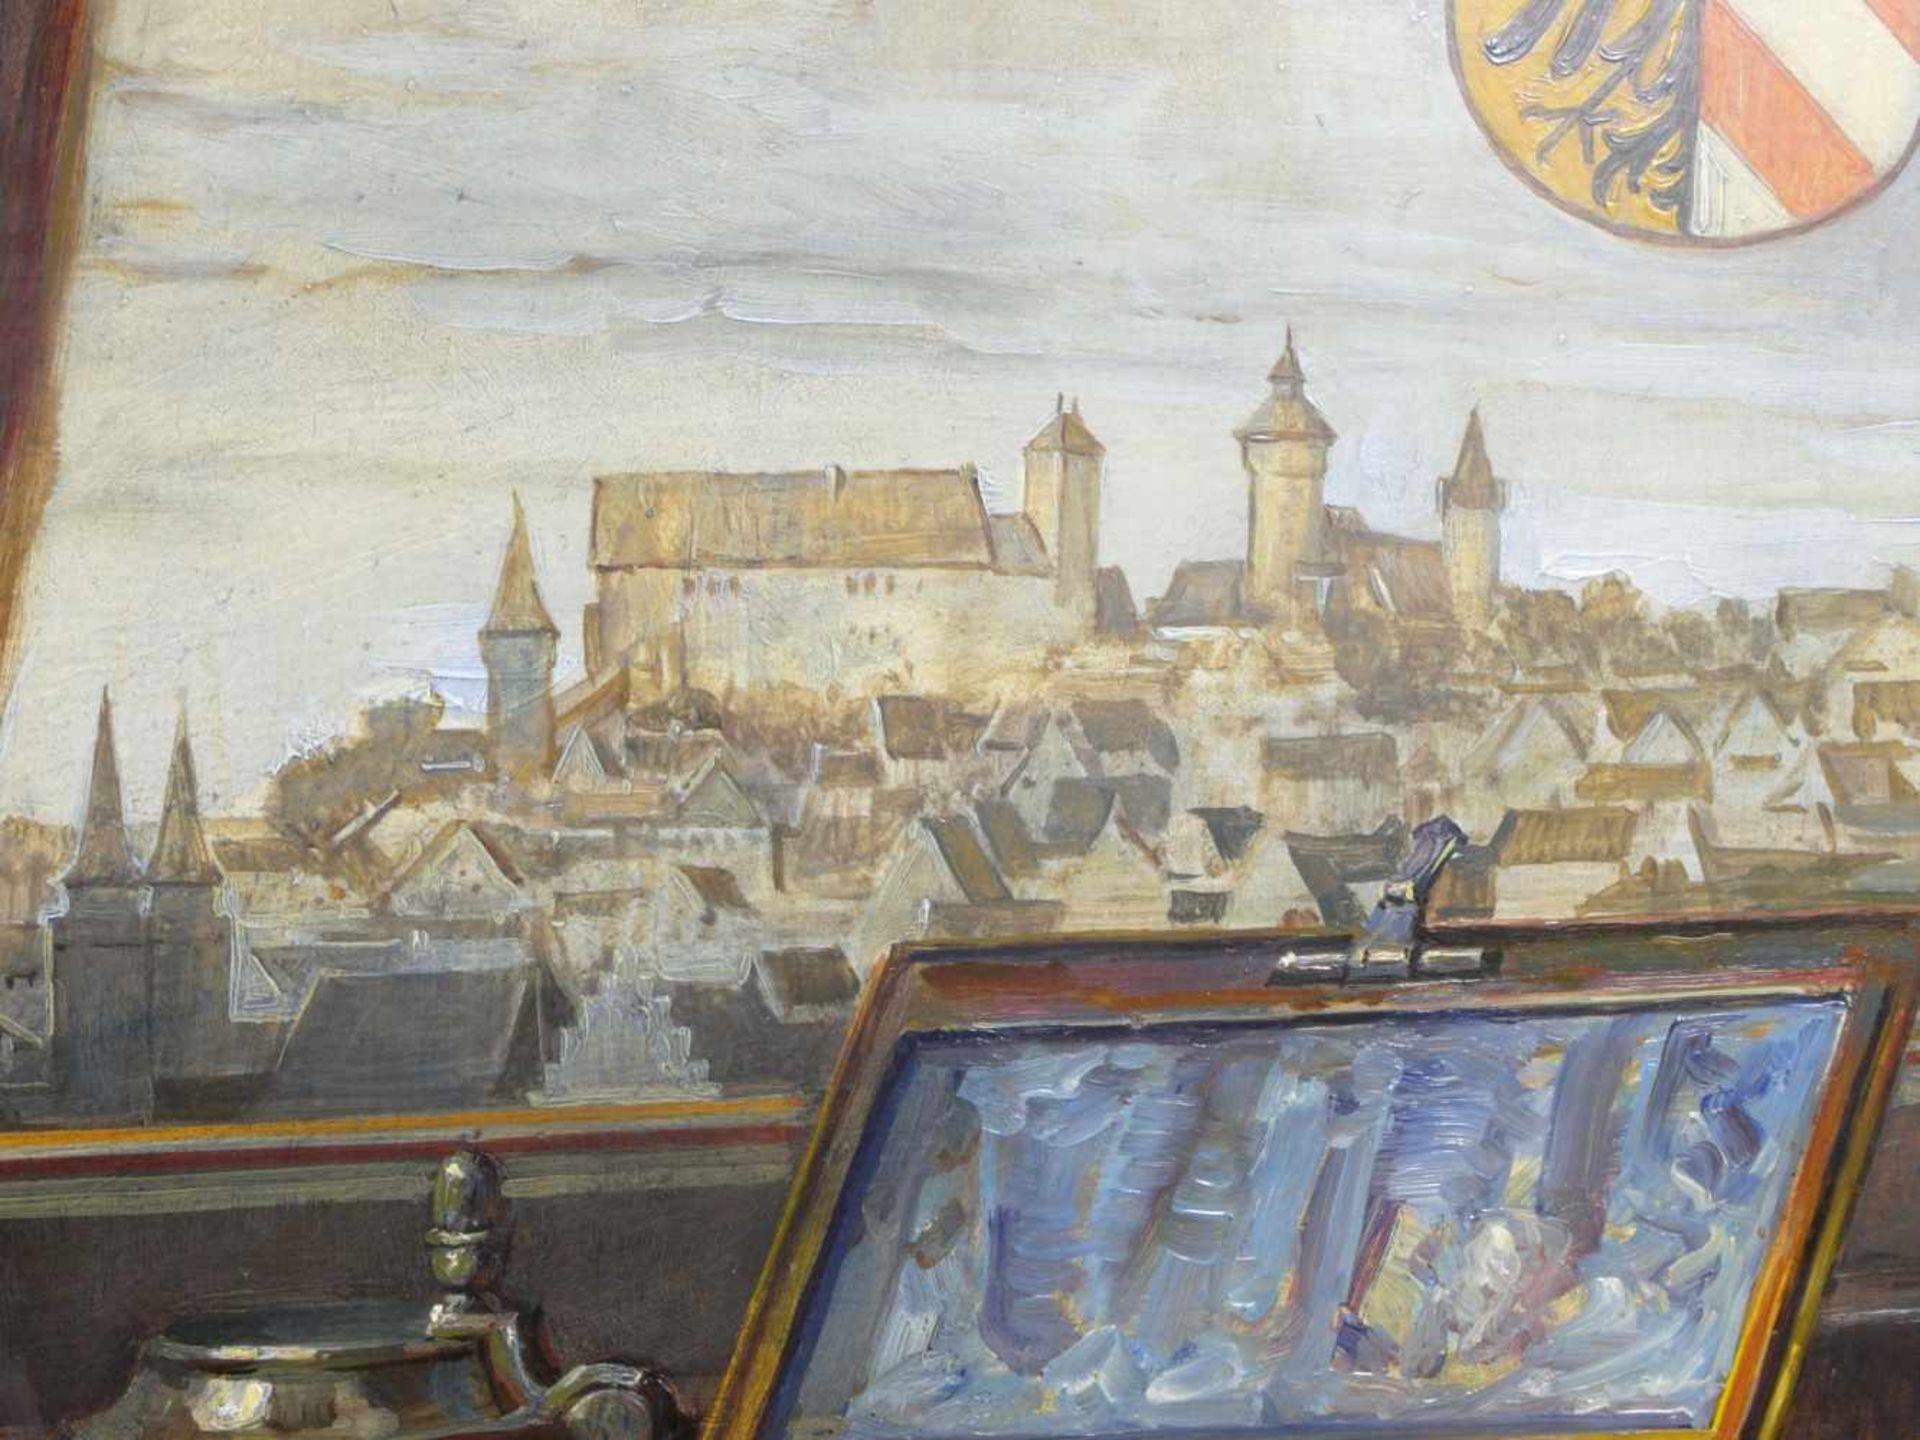 Kugler, Heinrich (1888- ca. 1946) - Symbolträchtiges Stillleben NürnbergGroßformatiges Gemälde in Öl - Bild 6 aus 8